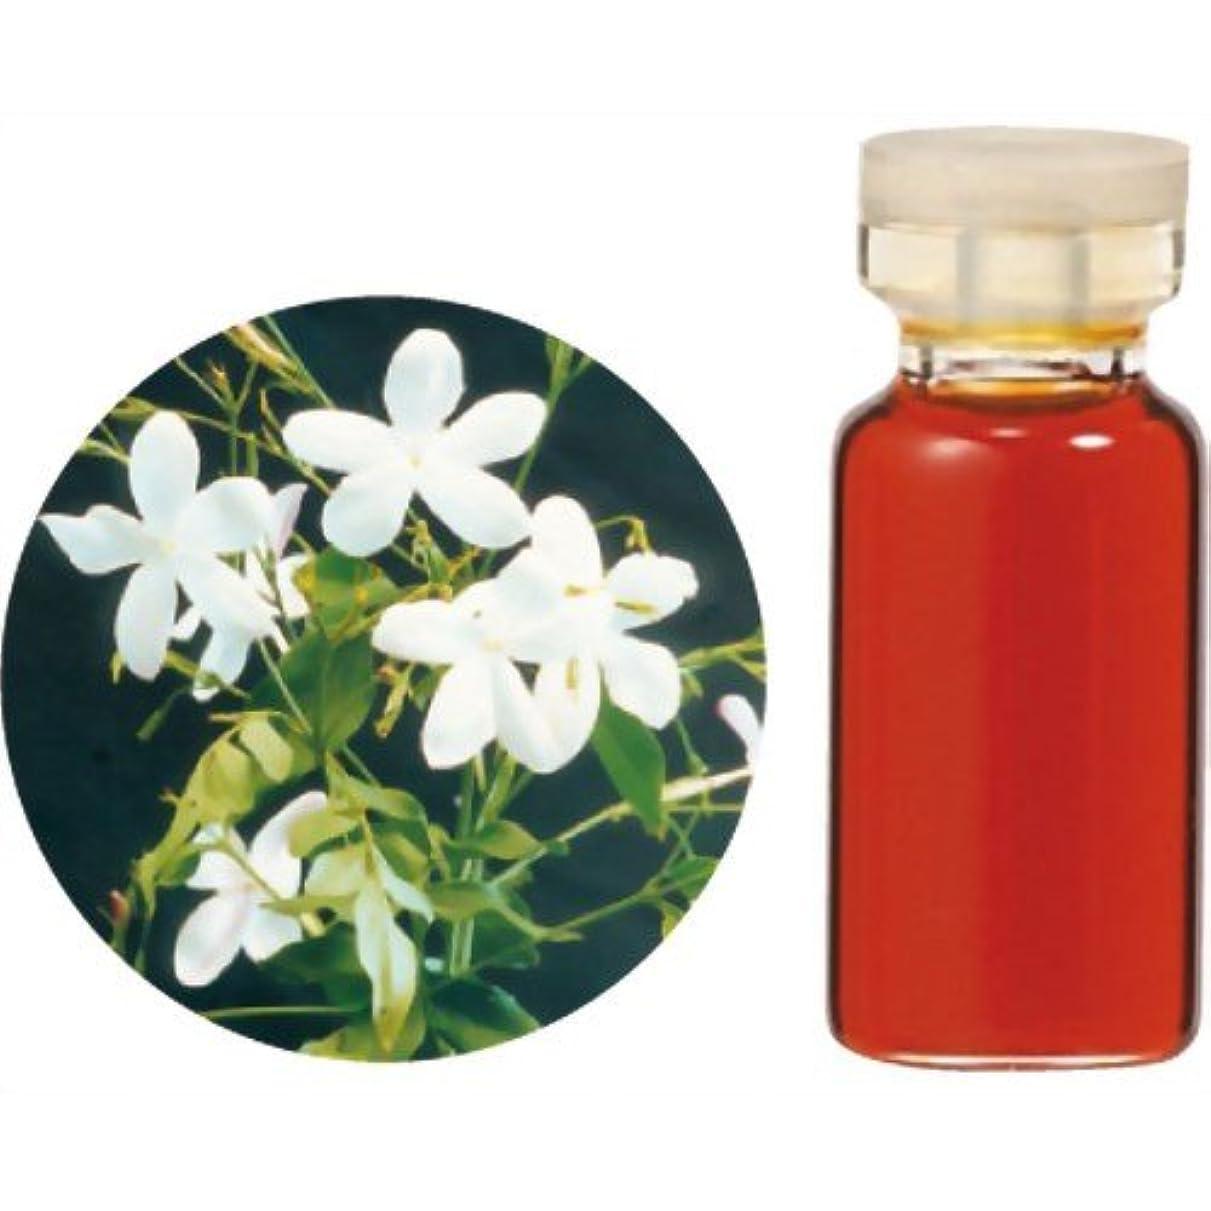 ドーム一般的な口実生活の木 C 花精油 ジャスミン アブソリュート エッセンシャルオイル 3ml